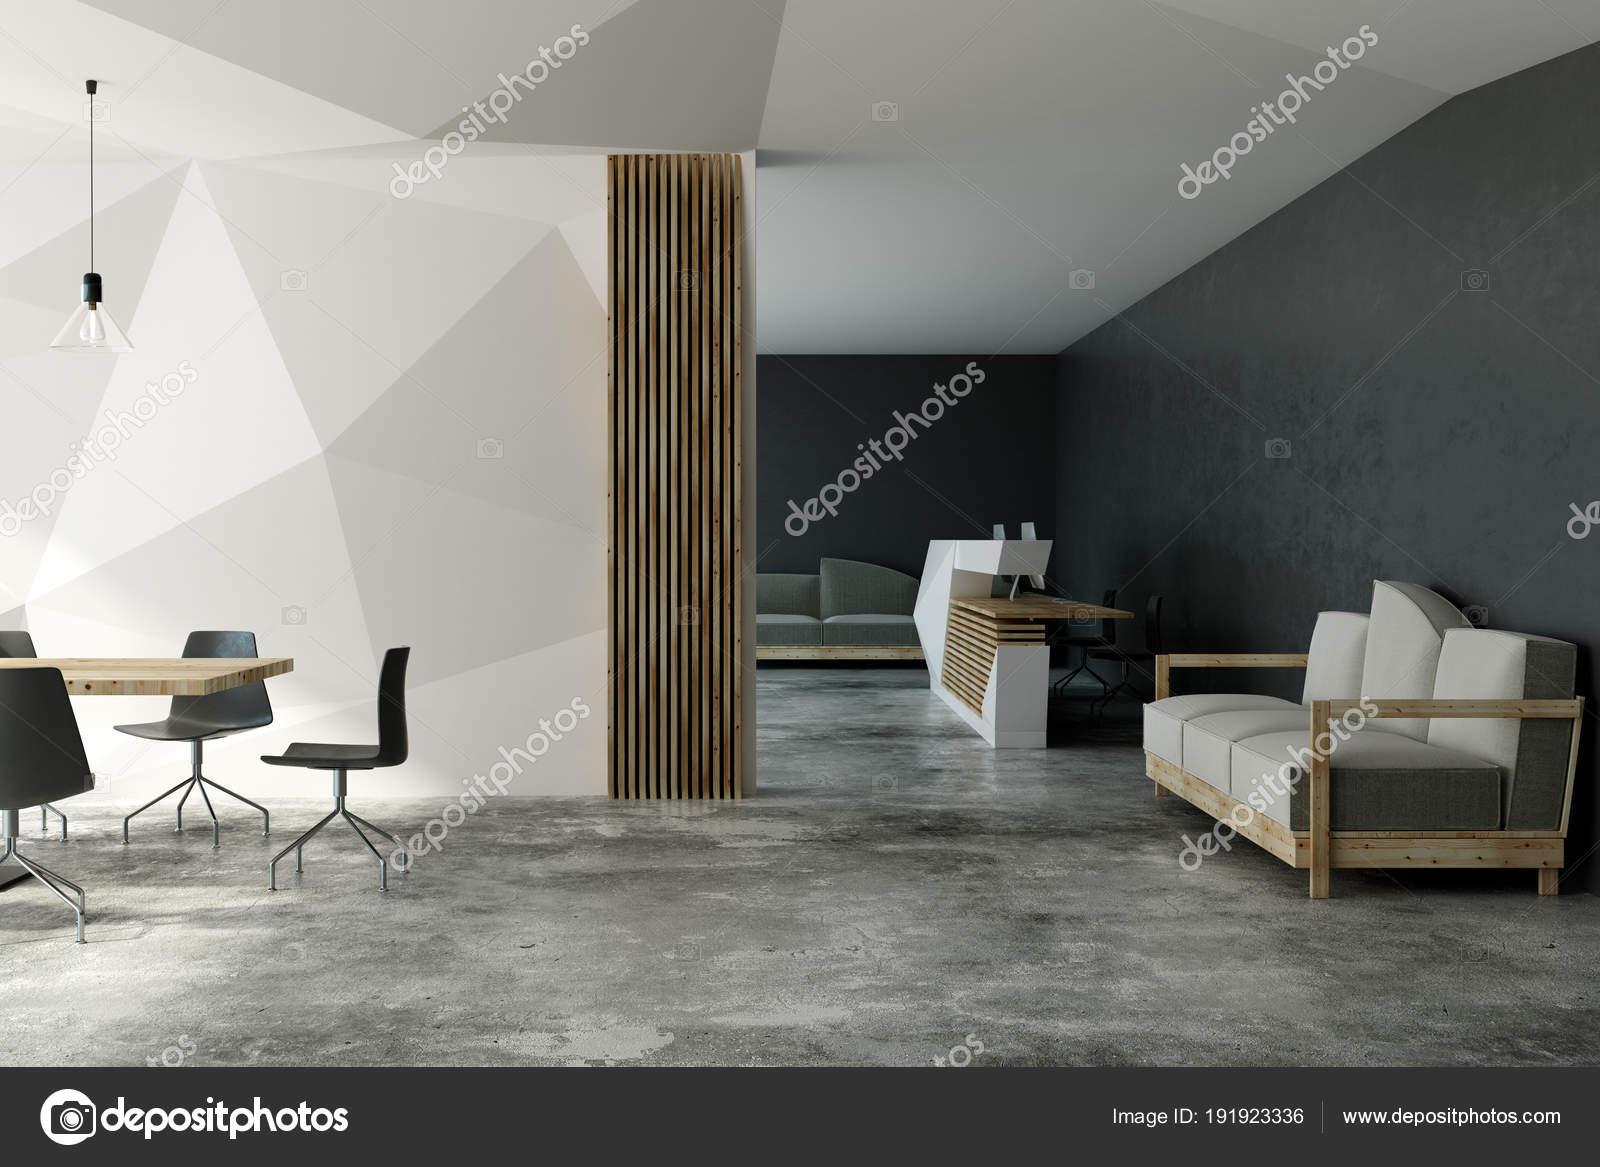 Moderne Büro-Interieur — Stockfoto © peshkova #191923336